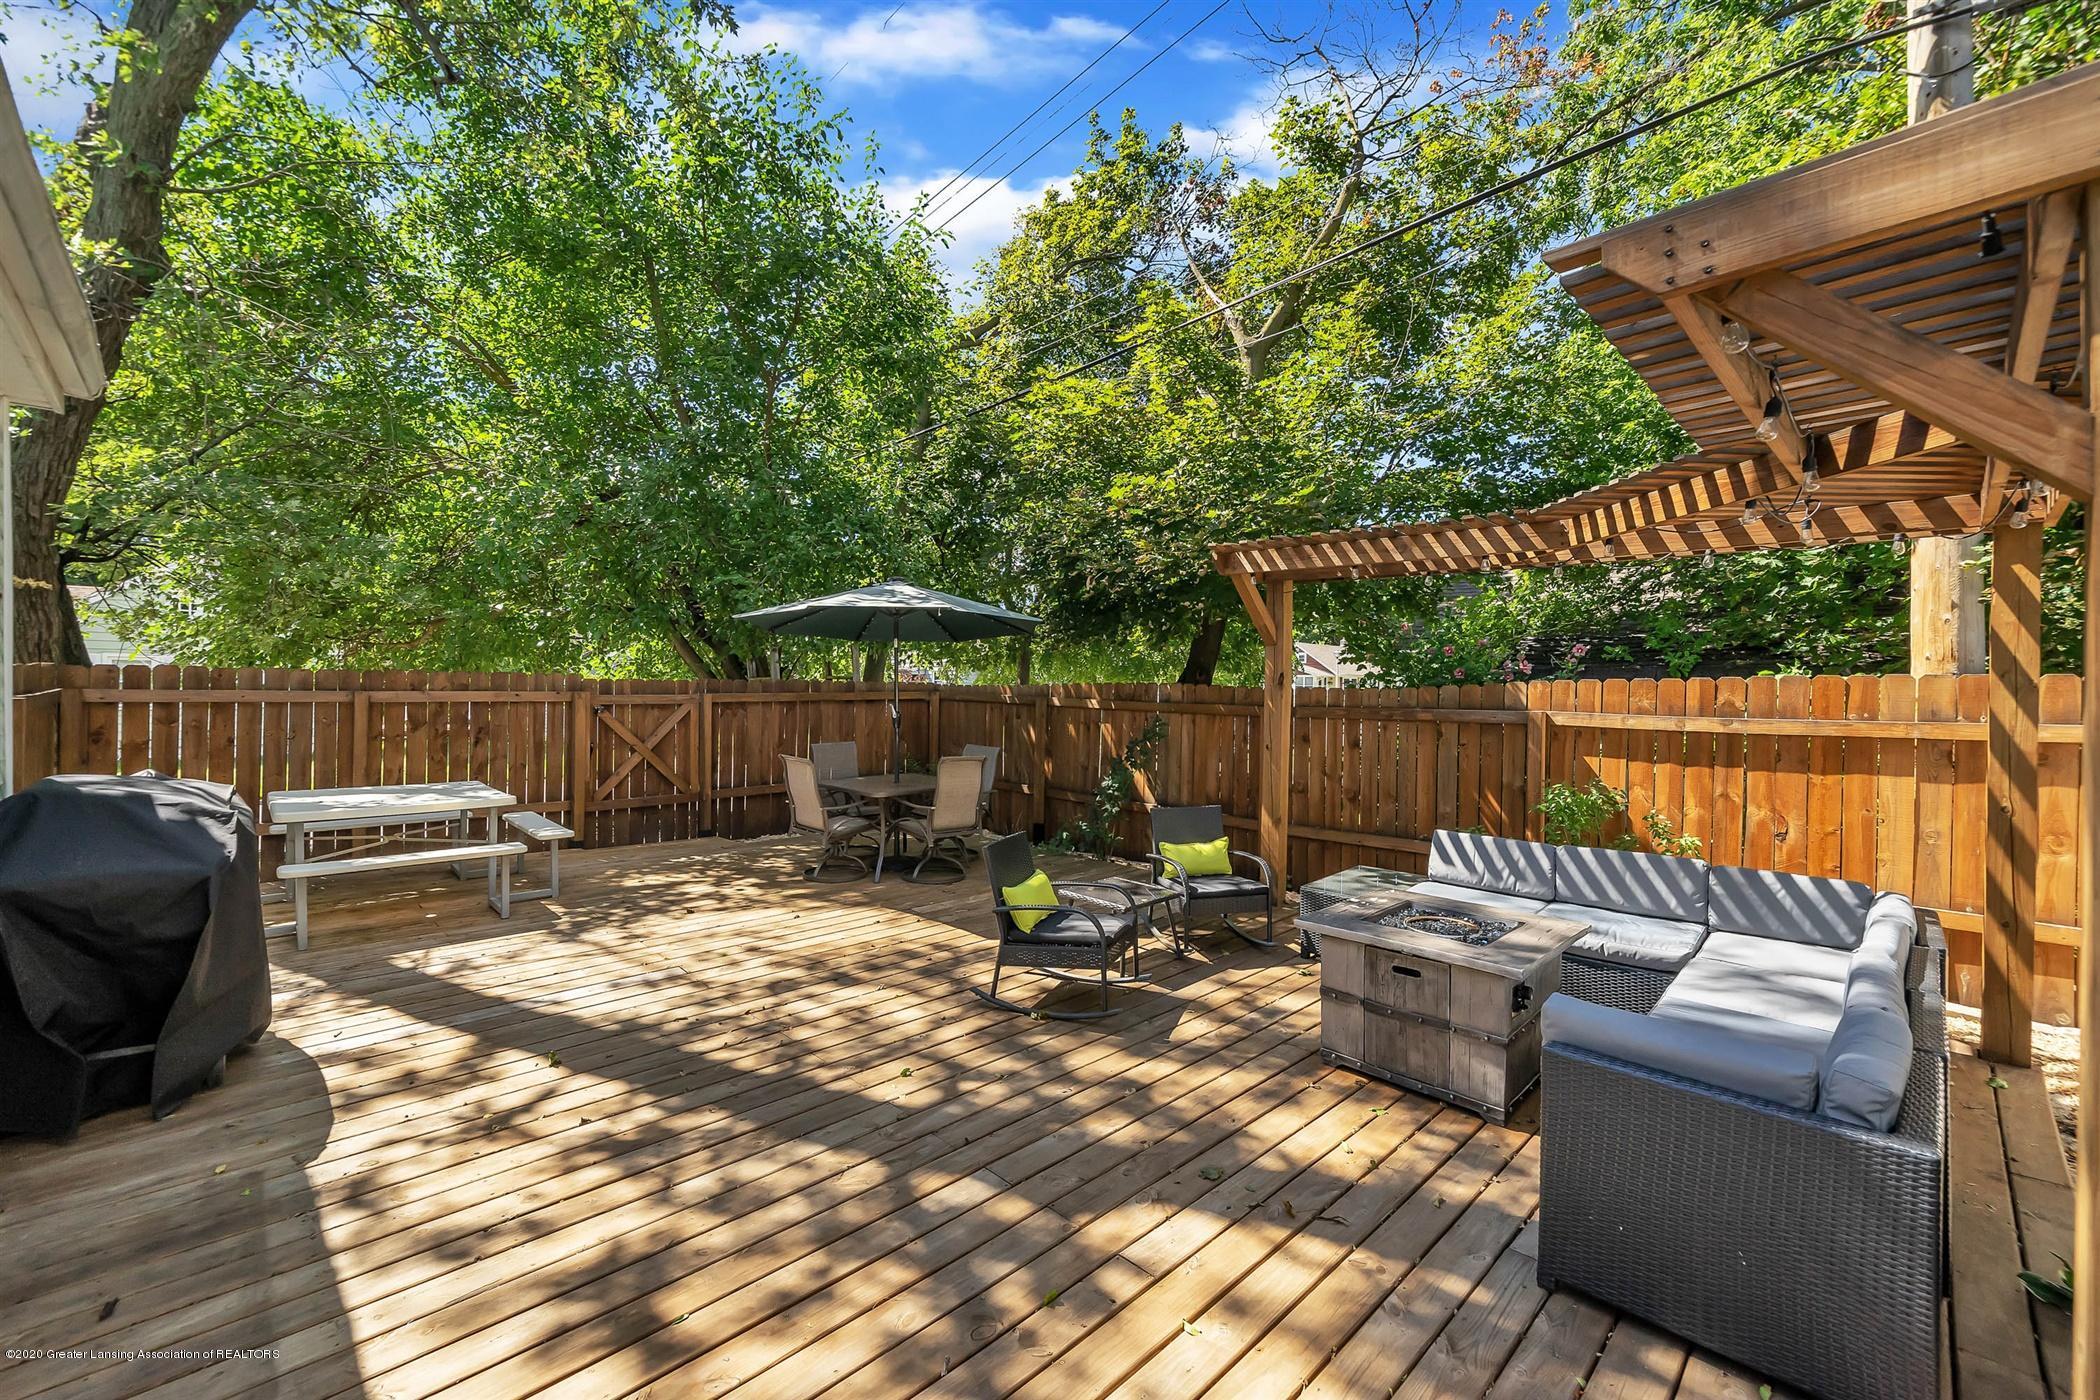 2032 Clifton Ave - (2.1) EXTERIOR Deck Area - 3